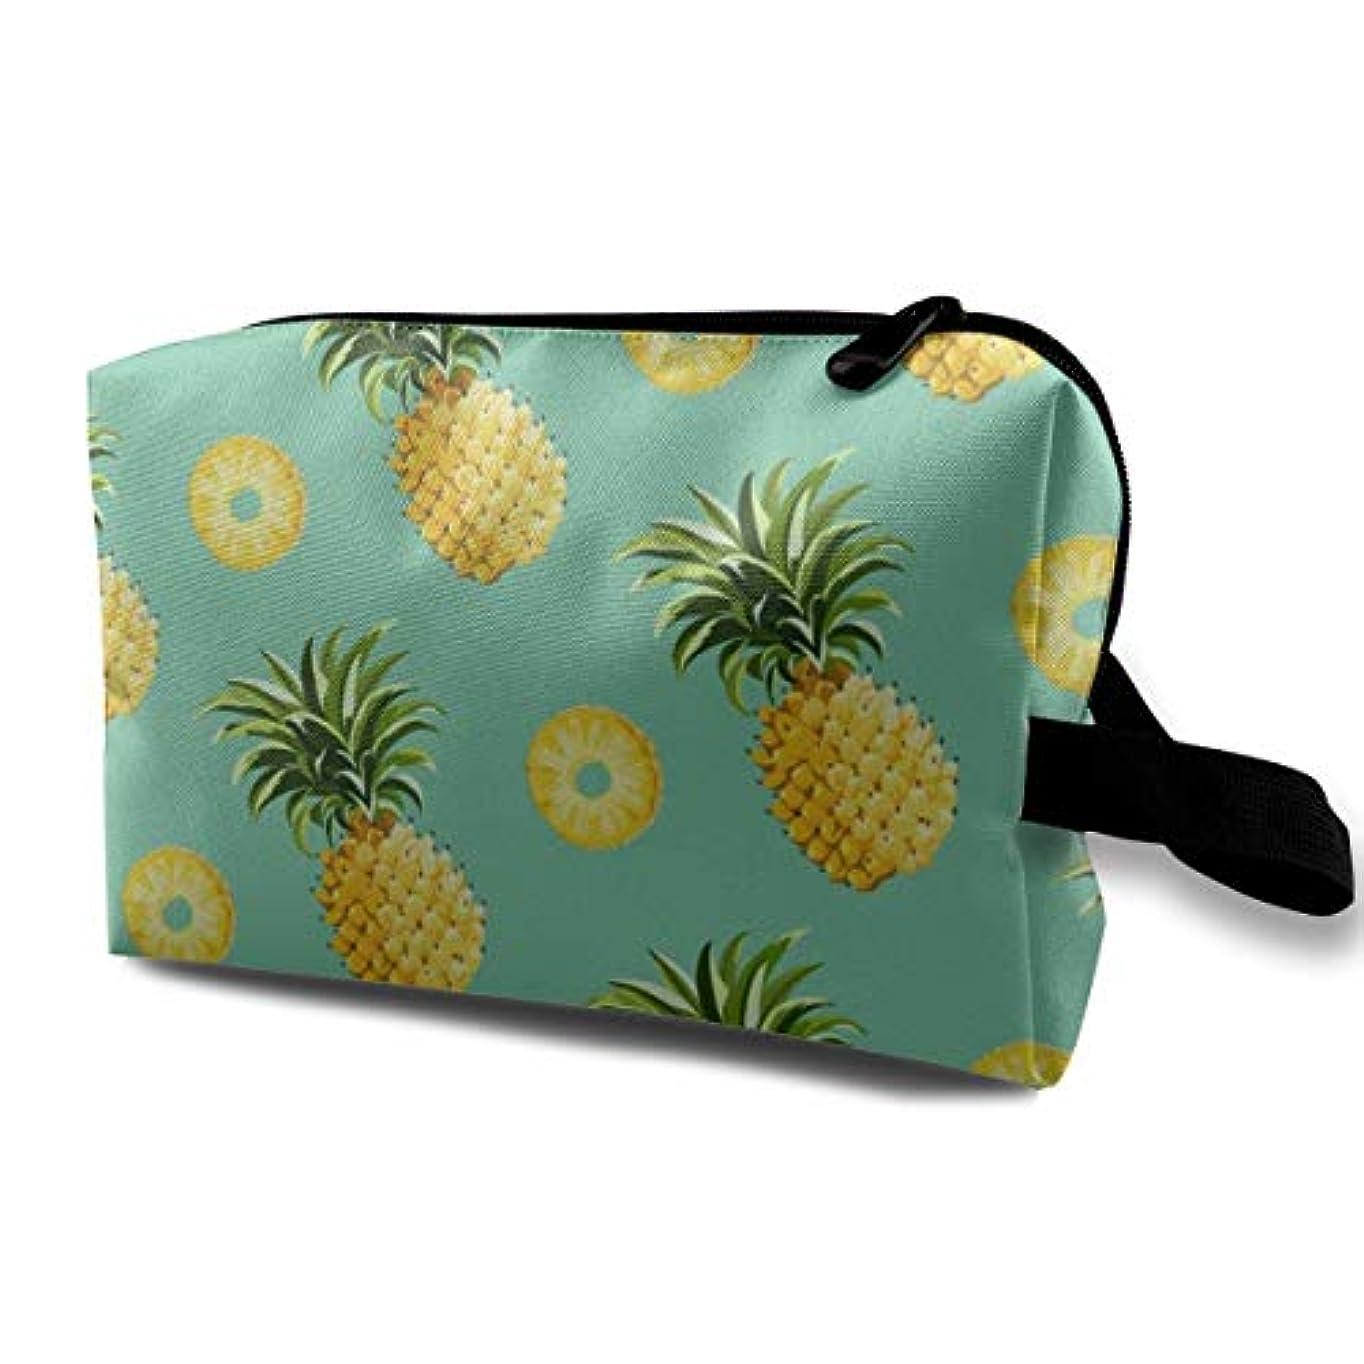 会計ひまわり低下Pineapple And Slice Design Gold 収納ポーチ 化粧ポーチ 大容量 軽量 耐久性 ハンドル付持ち運び便利。入れ 自宅?出張?旅行?アウトドア撮影などに対応。メンズ レディース トラベルグッズ